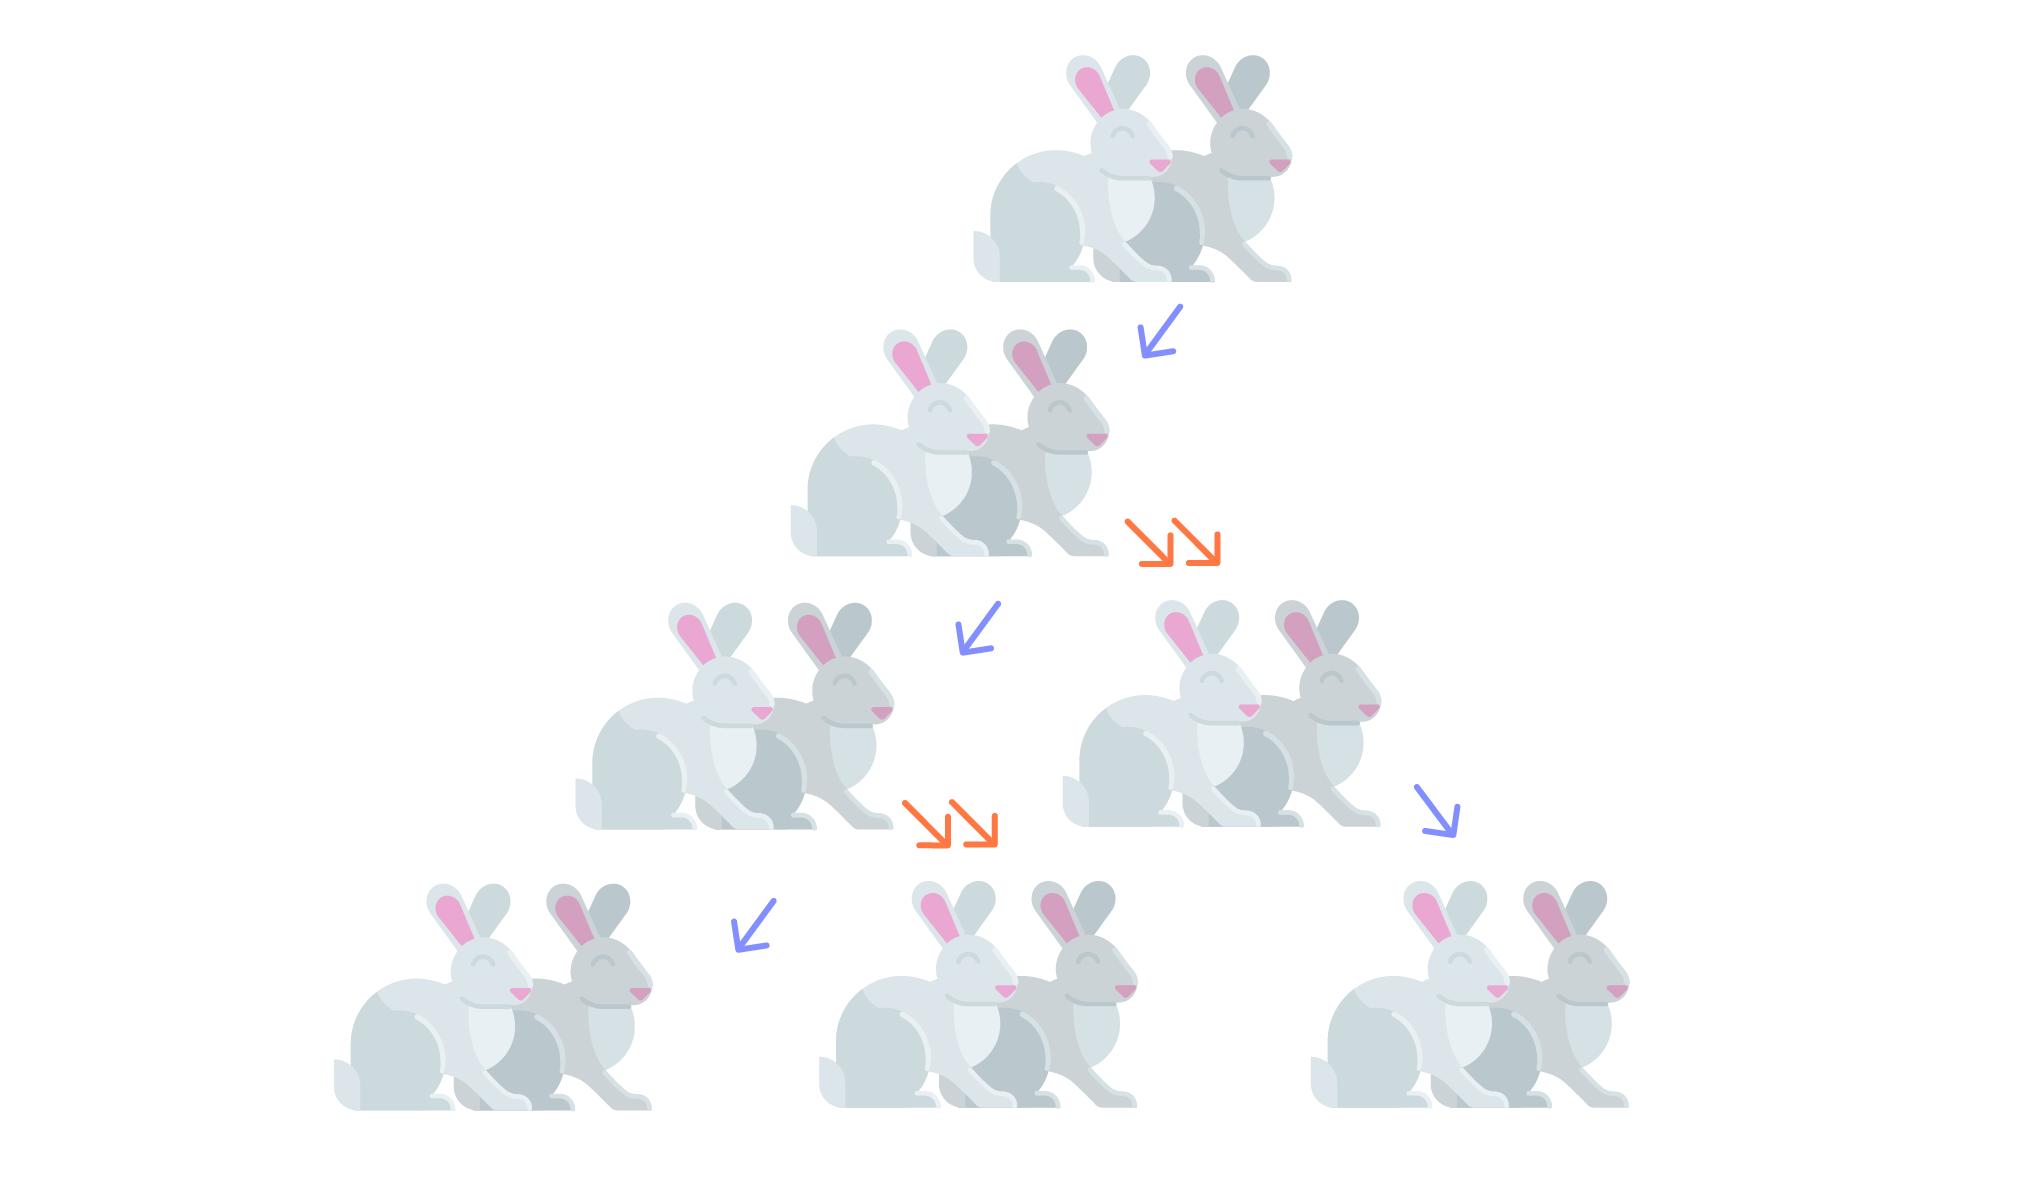 схематическая иллюстрация к задаче Фибоначчи о размножении кроликов